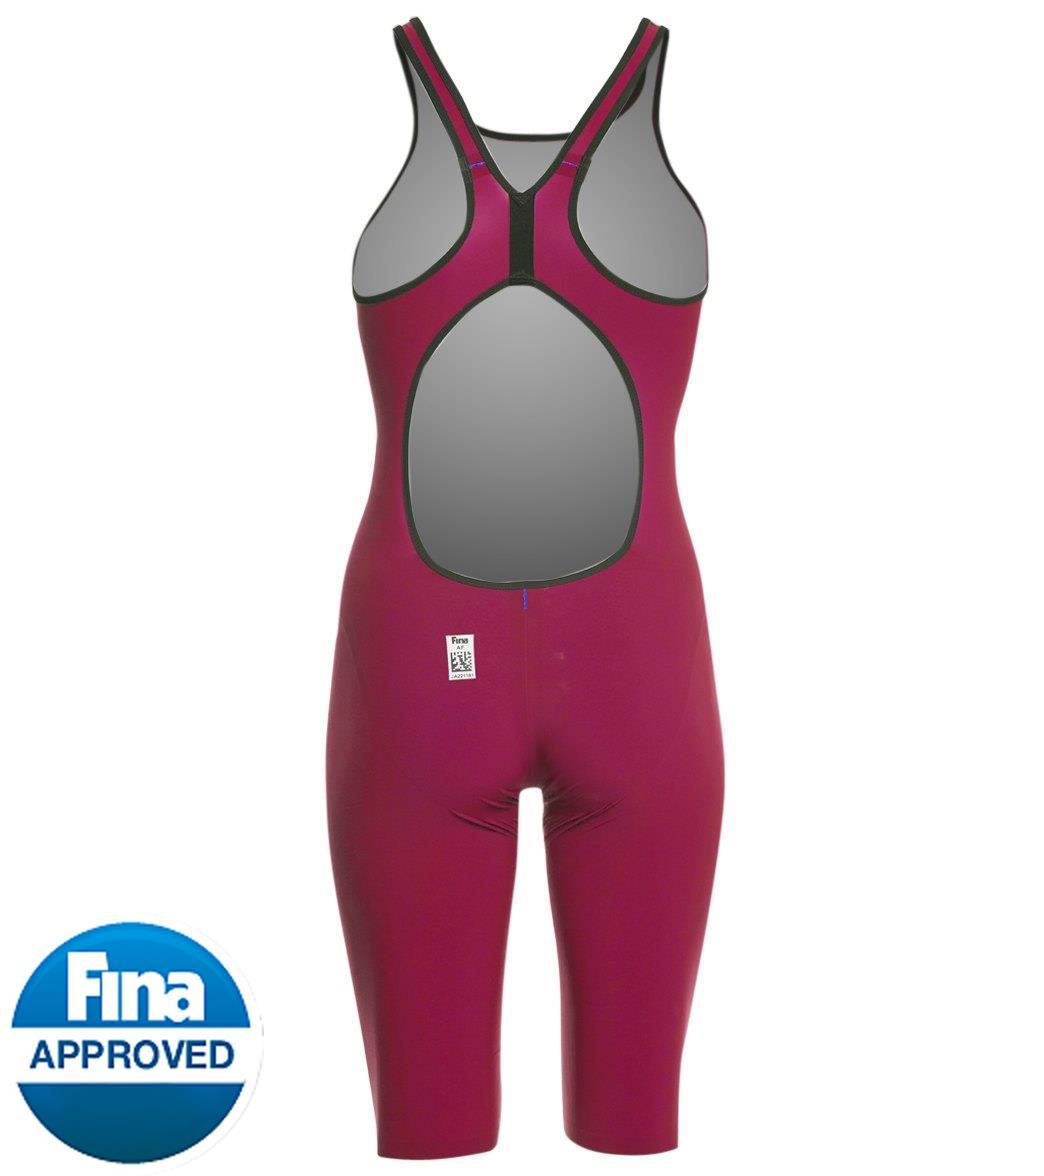 4d44226592 Jaked Jkatana Women's Open Back Tech Suit Swimsuit at SwimOutlet.com ...